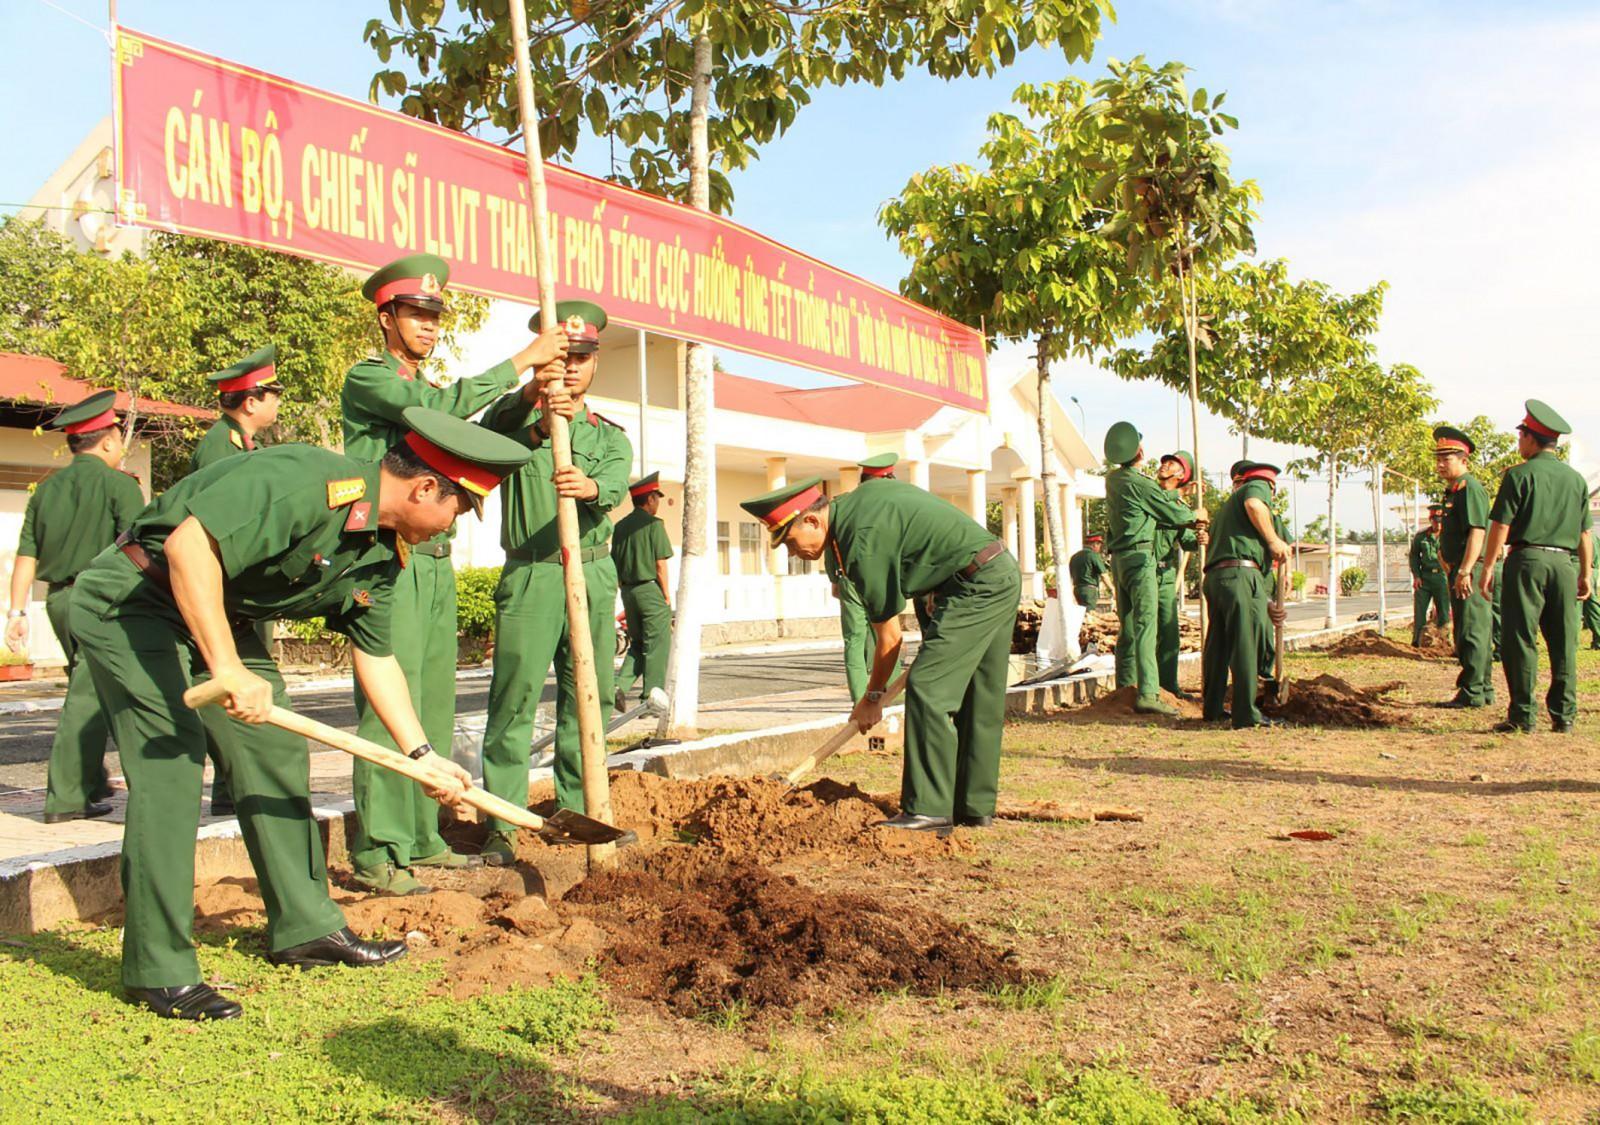 Cán bộ, chiến sĩ tham gia trồng cây tại Trung đoàn bộ binh 932. Ảnh: CHUNG CƯỜNG